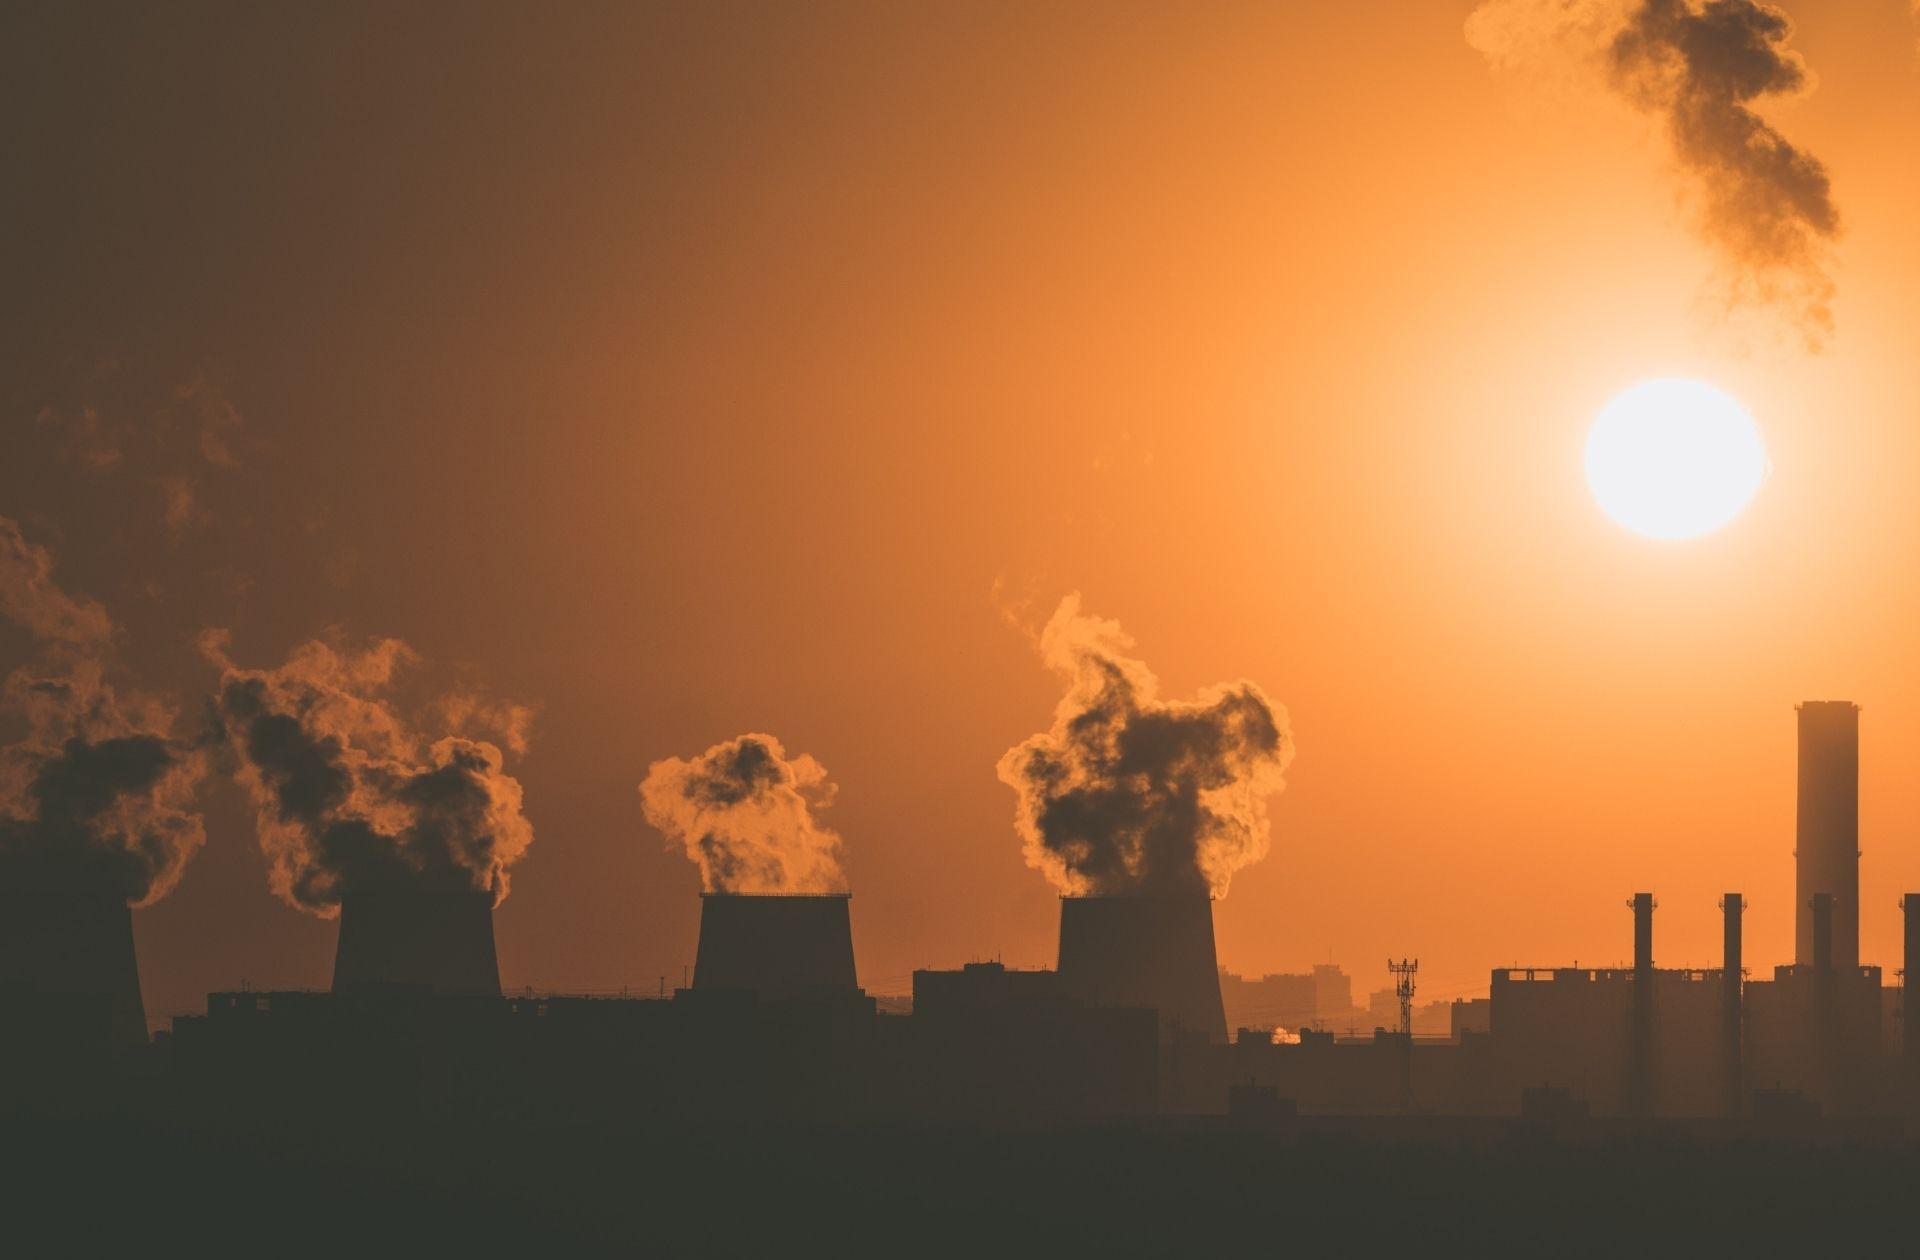 Le dernier rapport sur le dérèglement climatique du GIEC est là, et oui, la fin du monde est proche